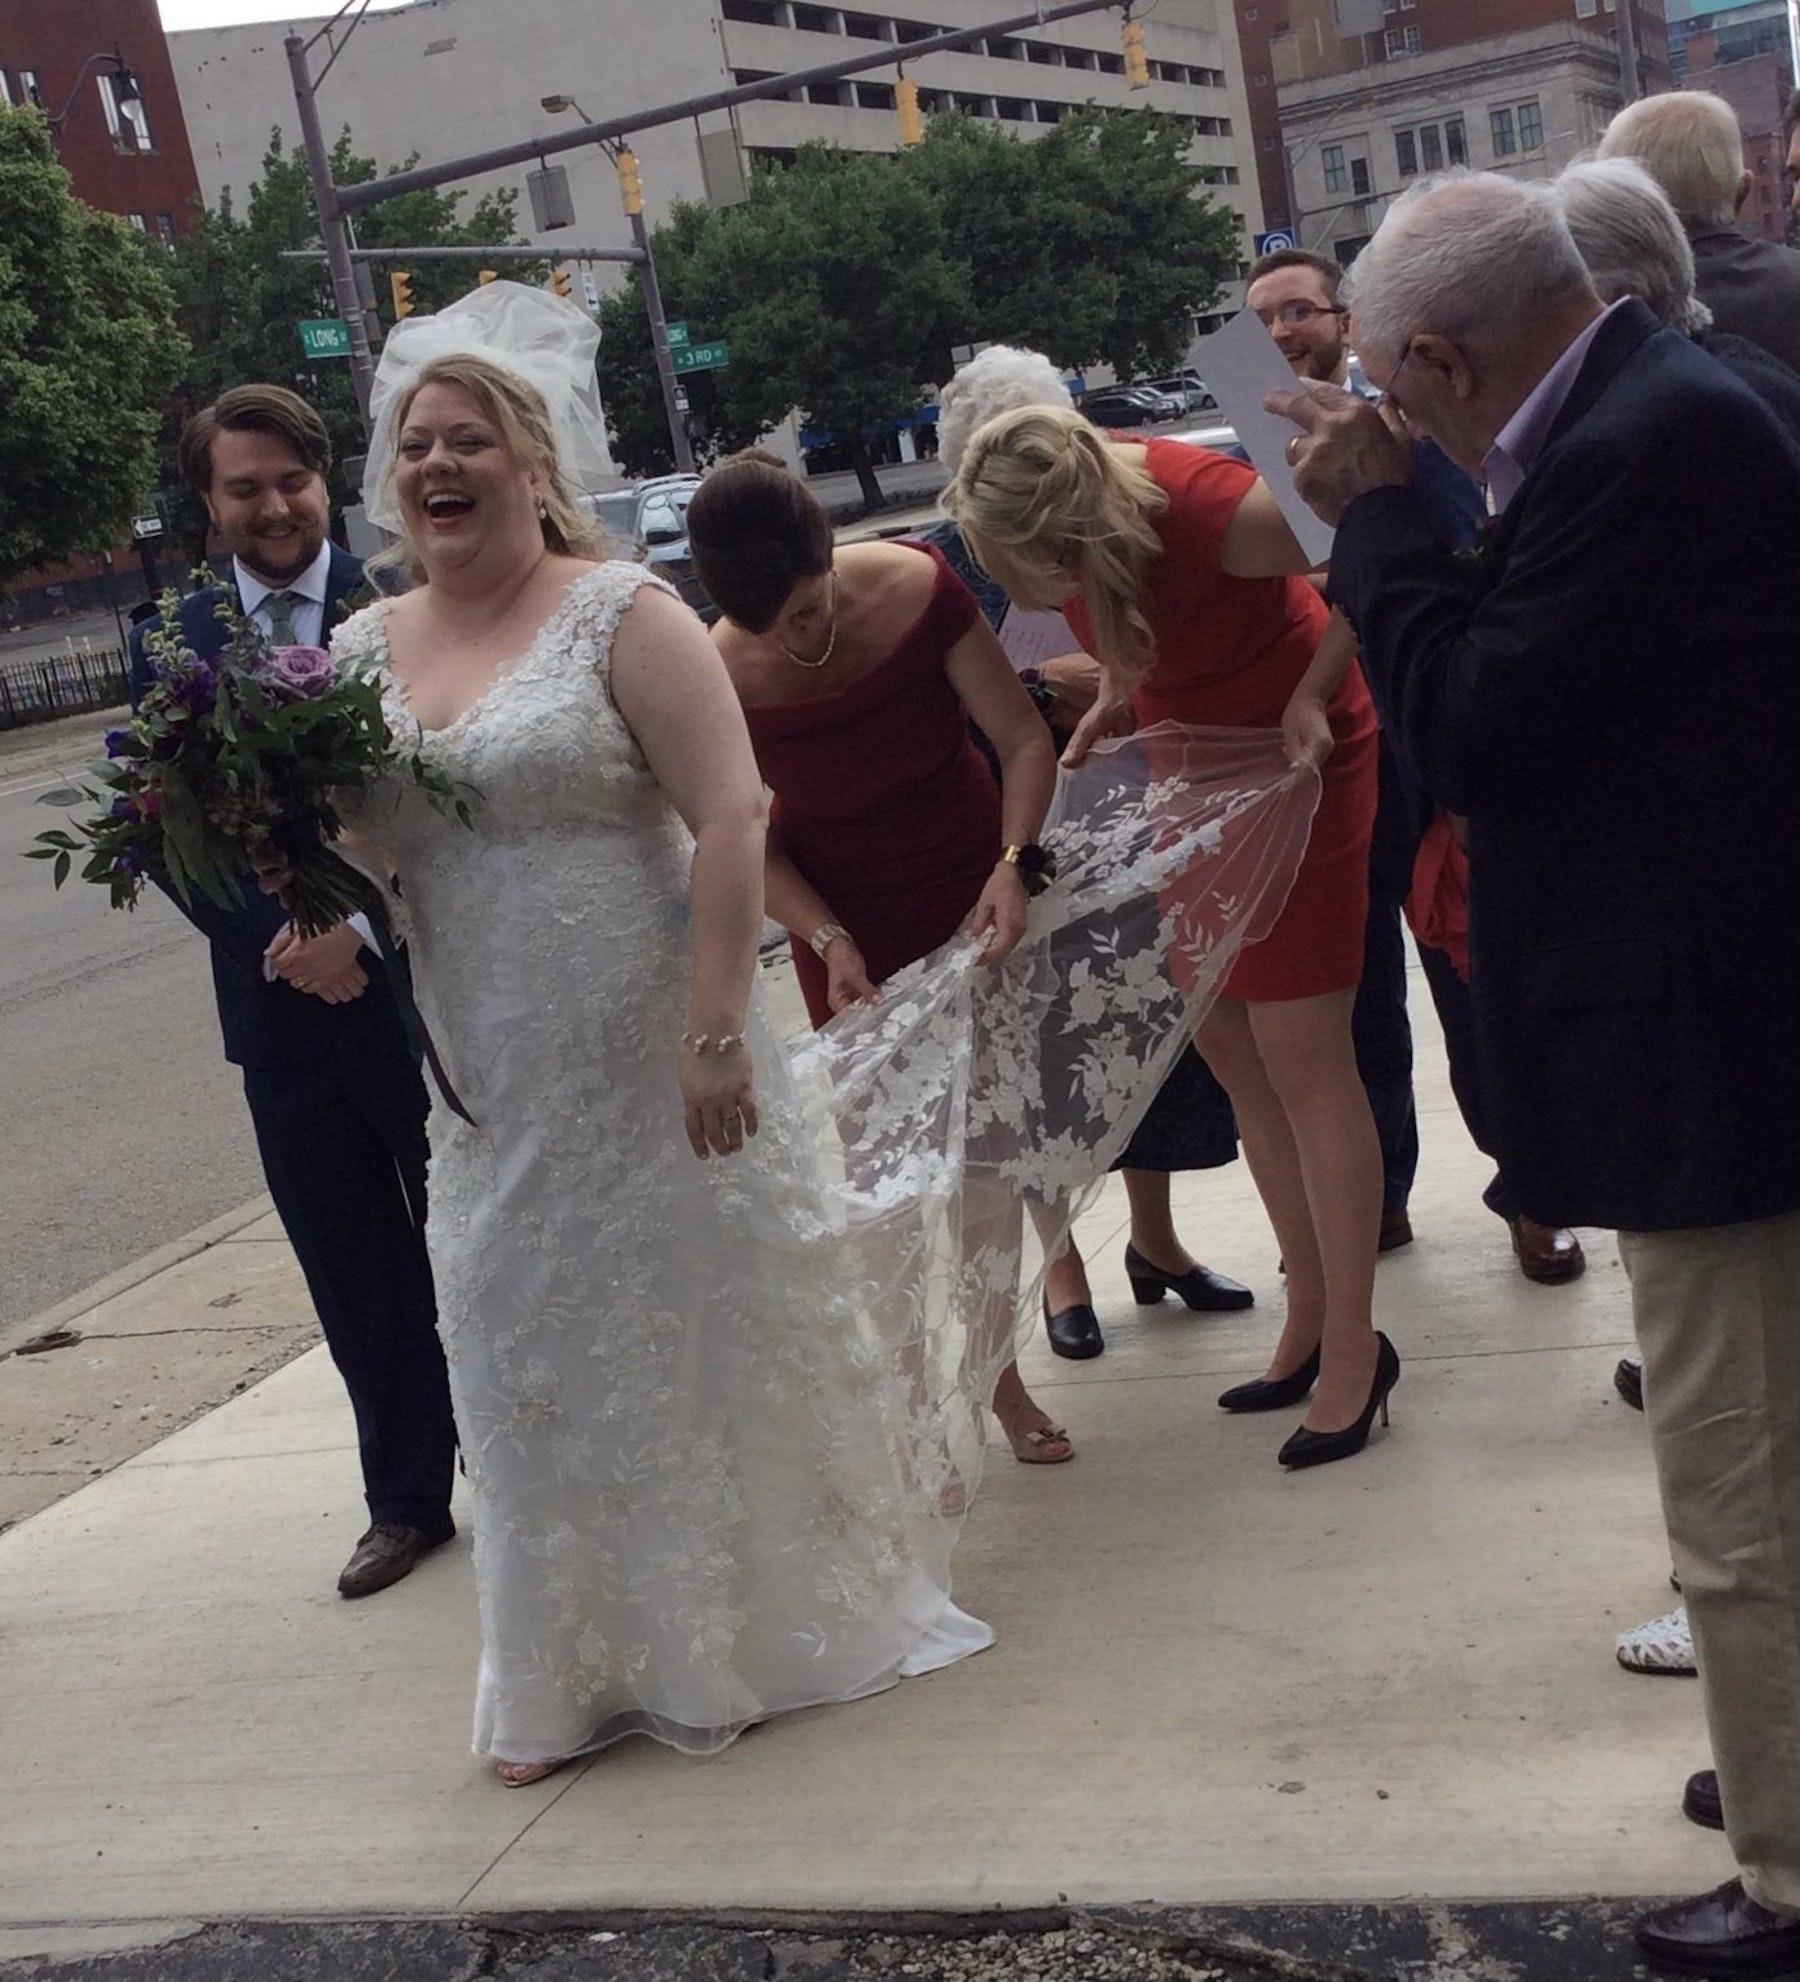 Photos of the wedding.